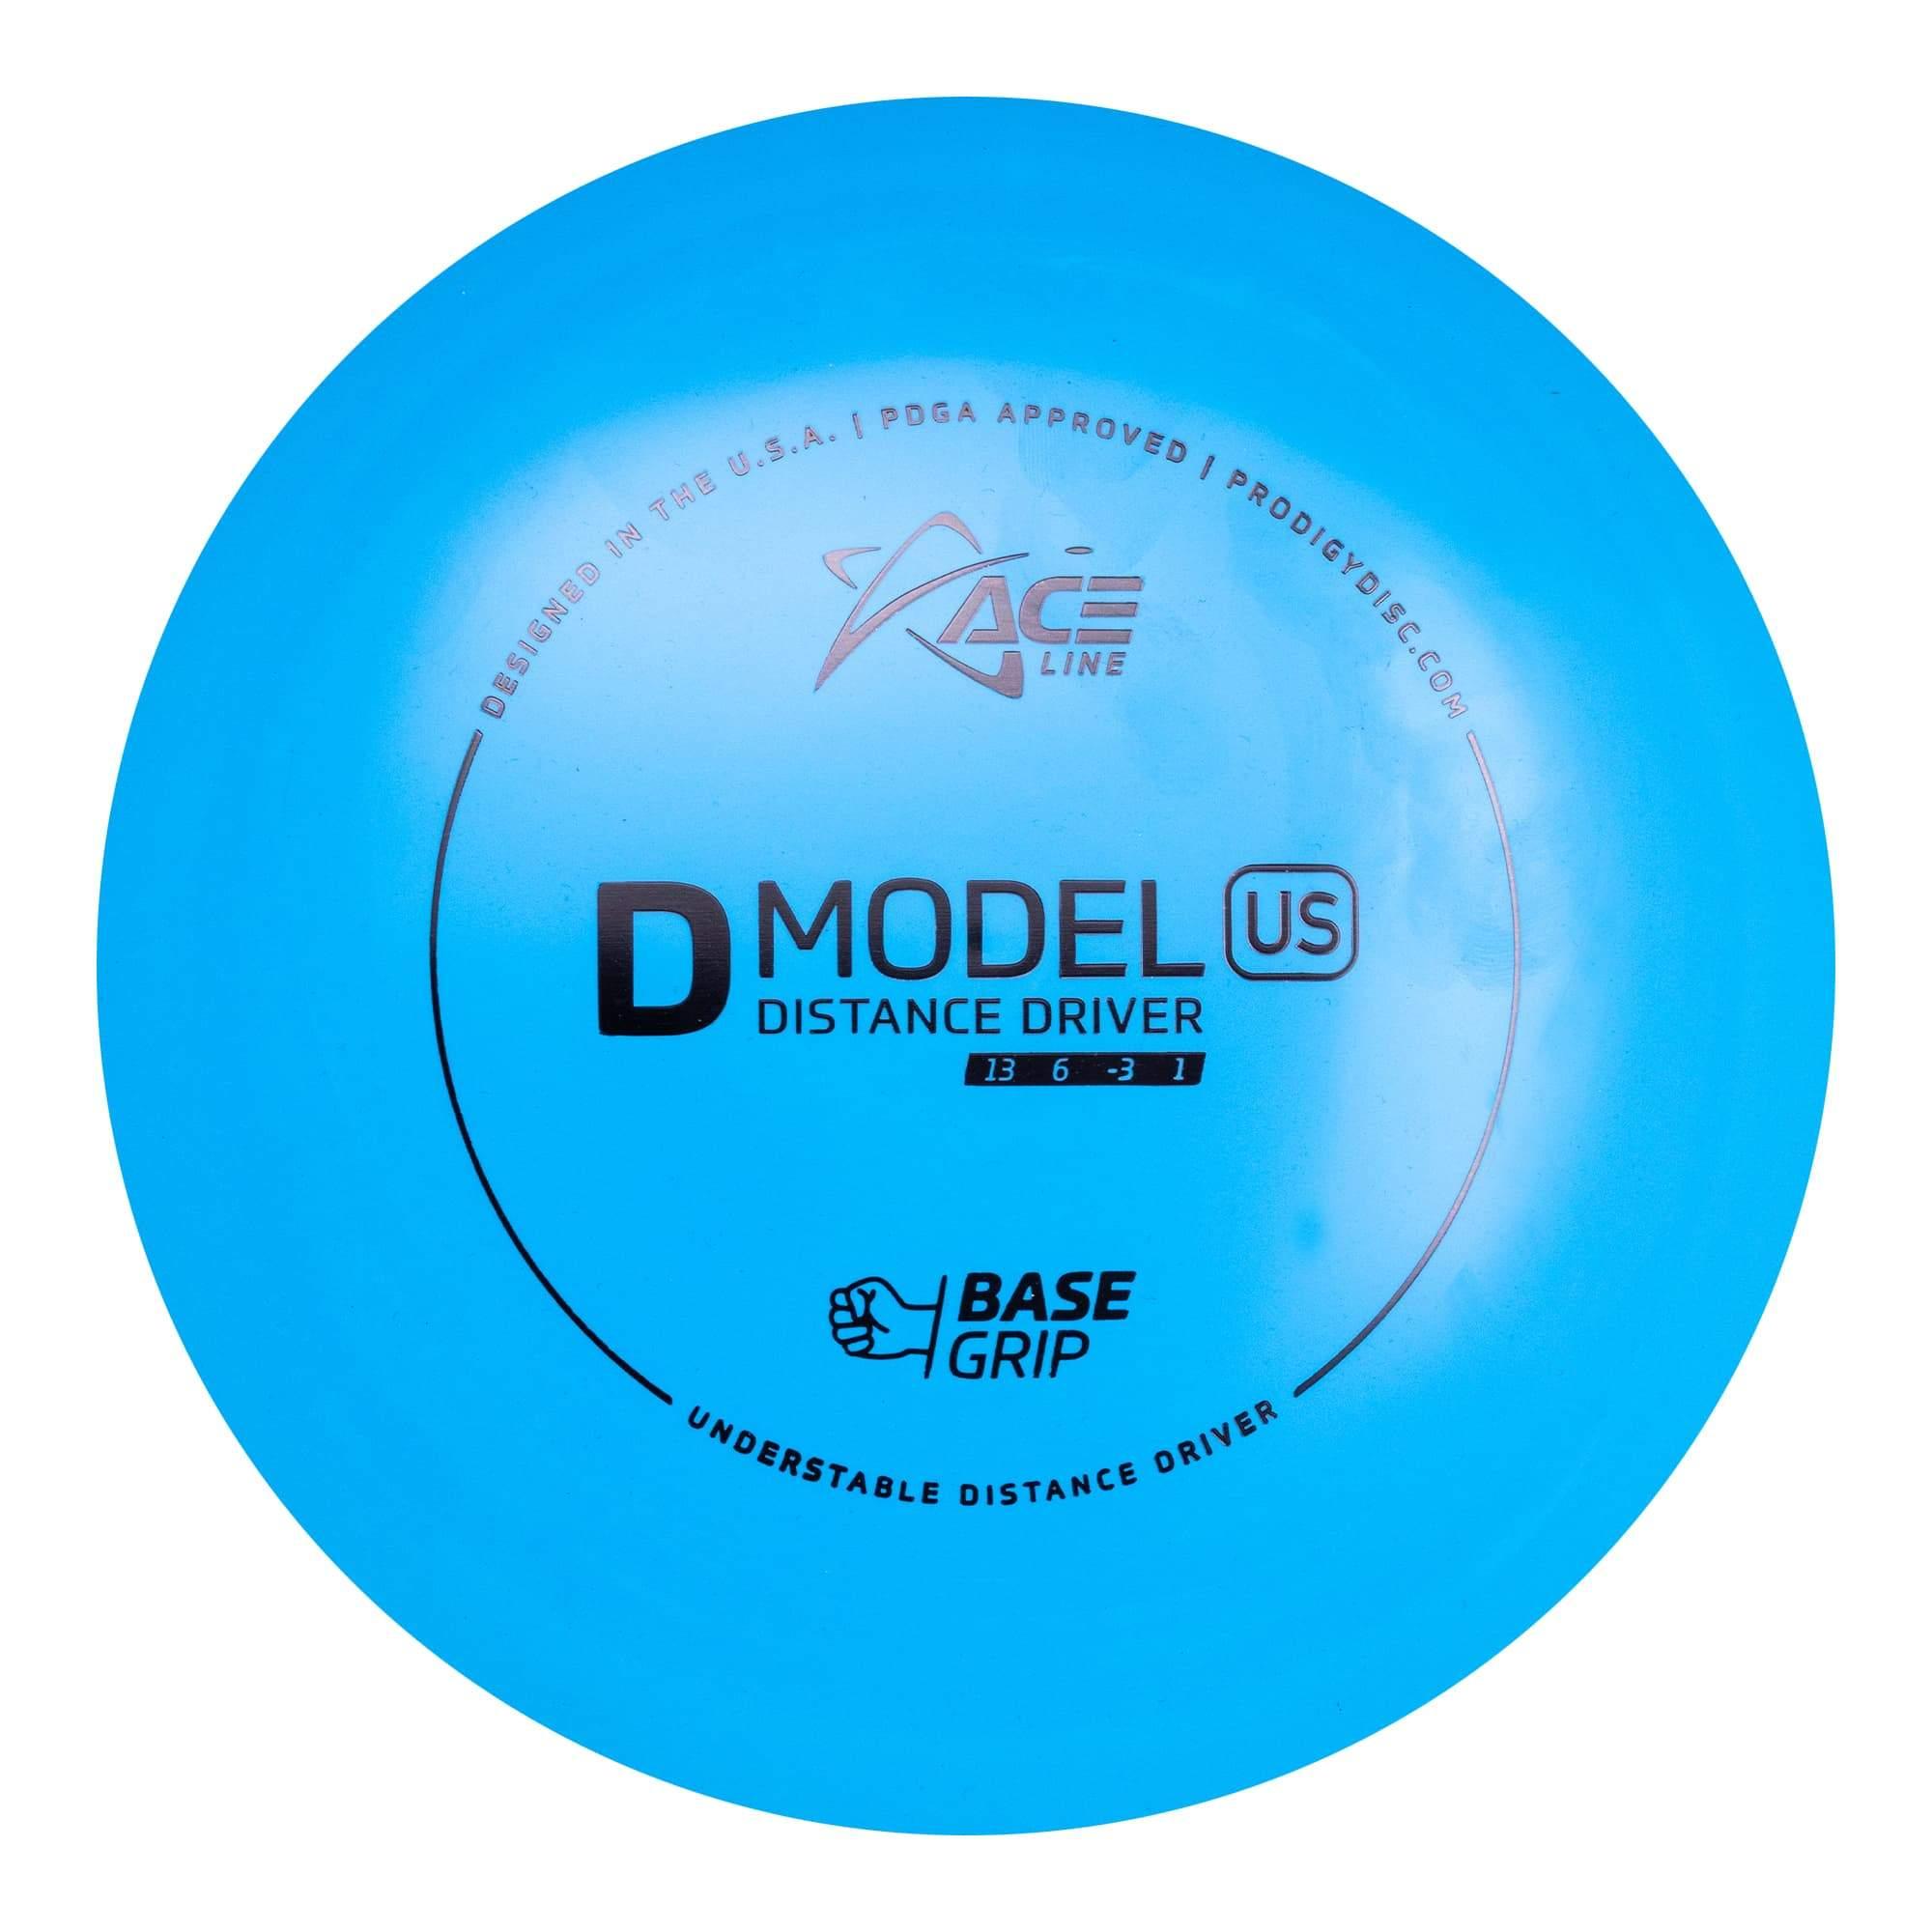 Prodigy Ace Line D model US Distance driver